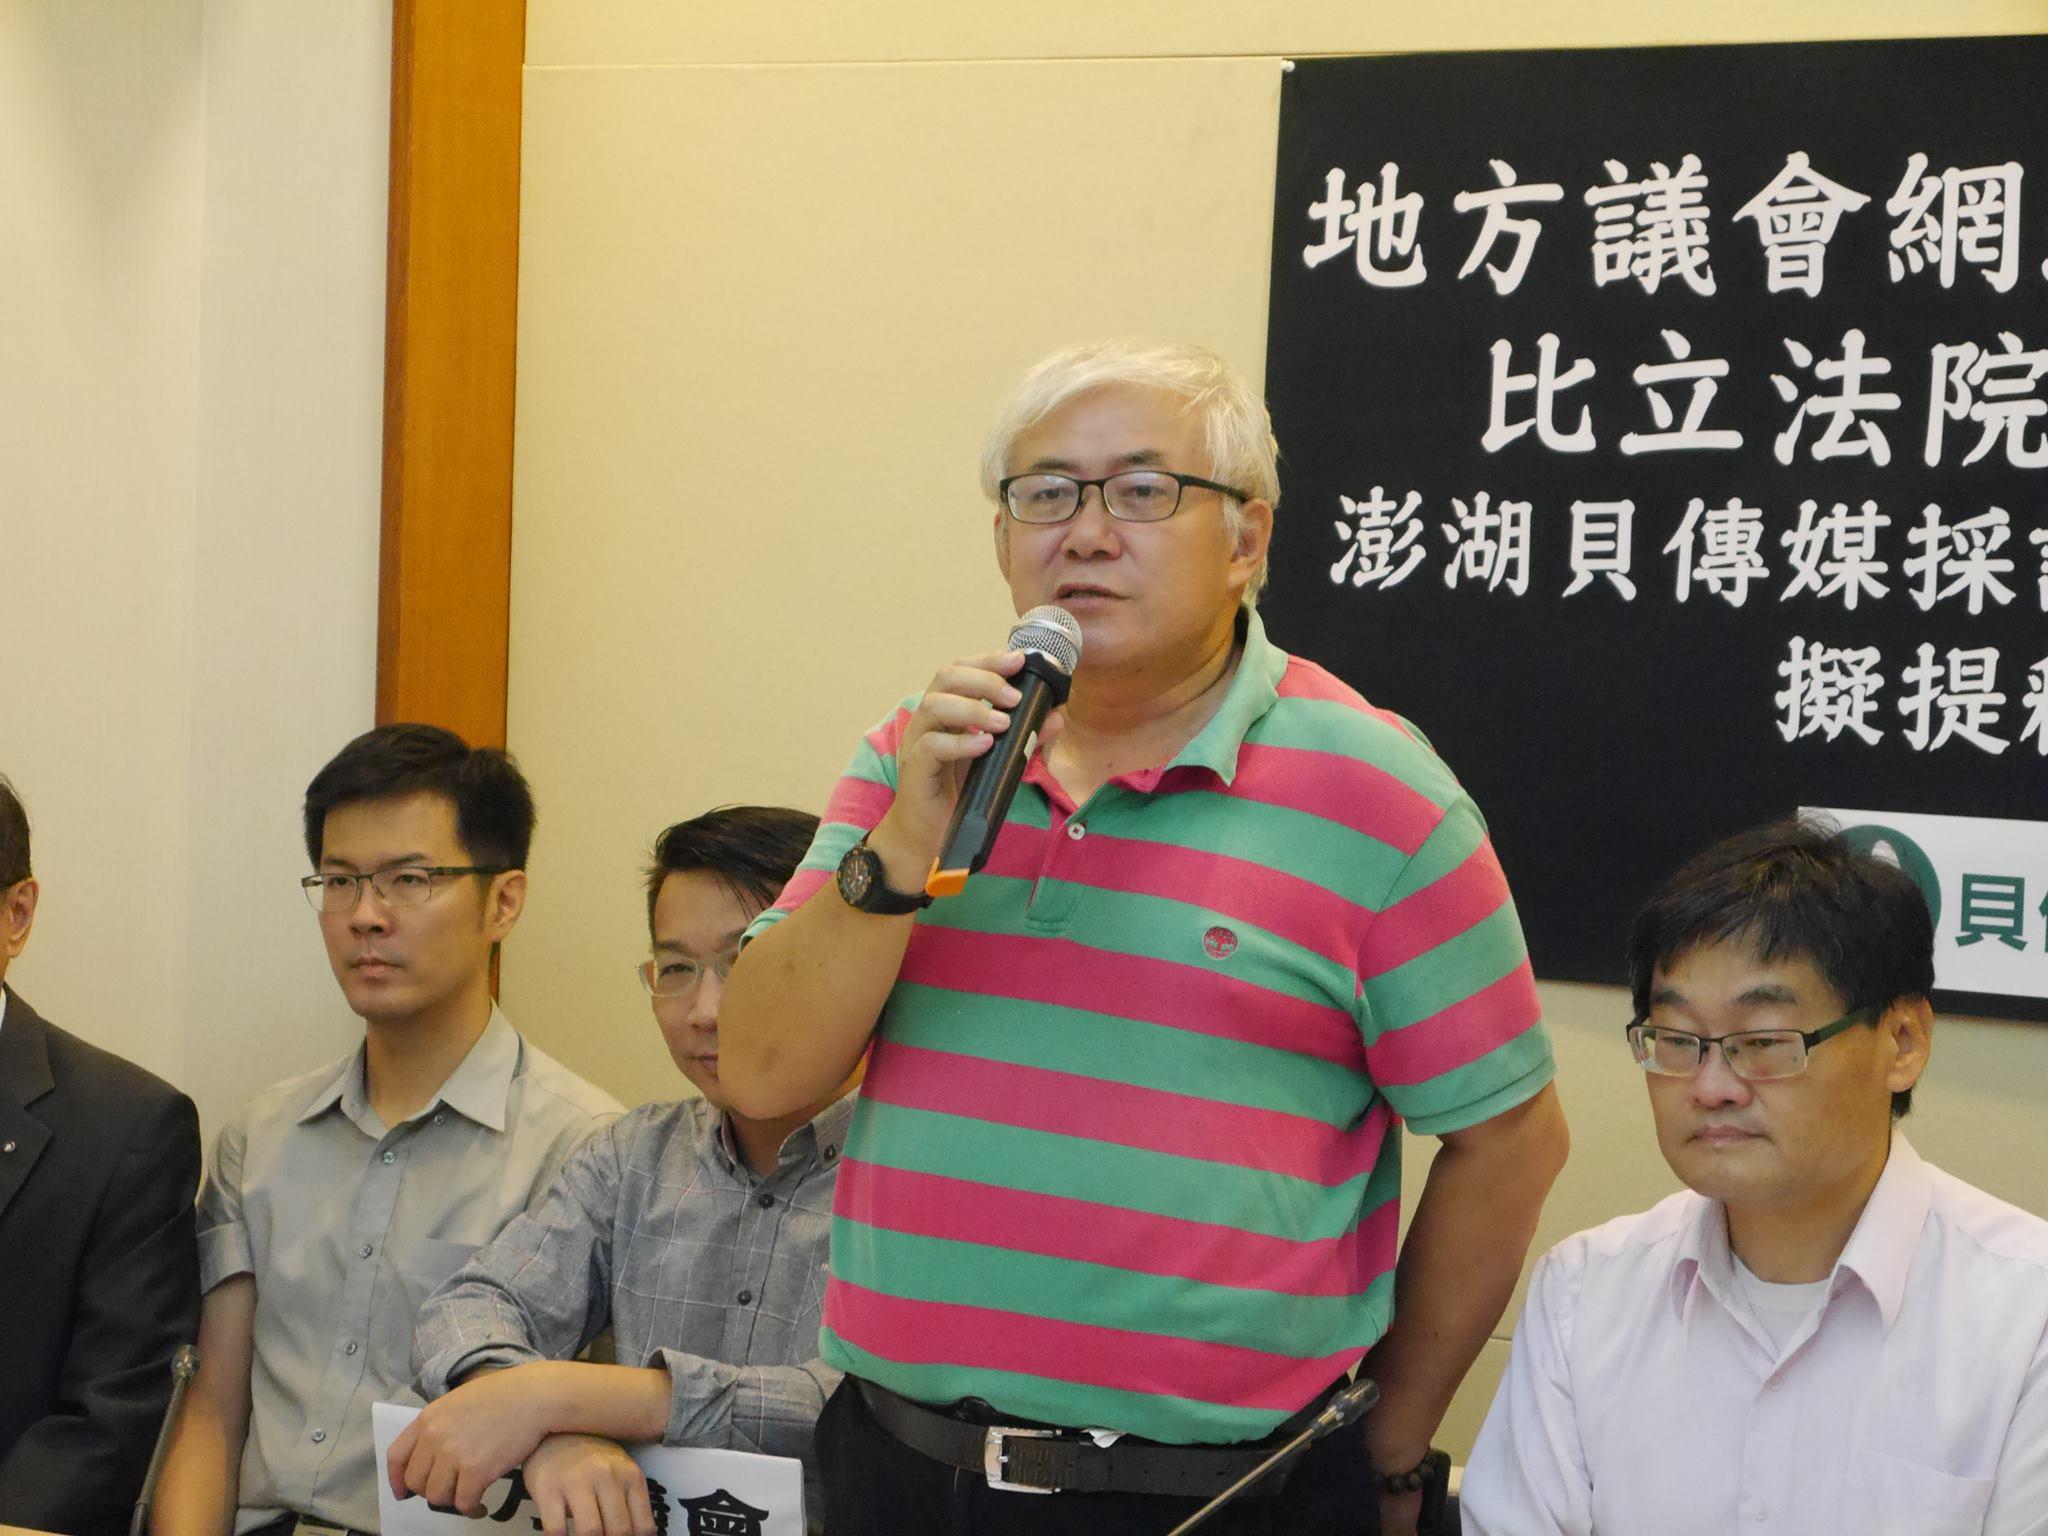 想進議會直播遭法官判敗訴 澎湖地方媒體將提釋憲